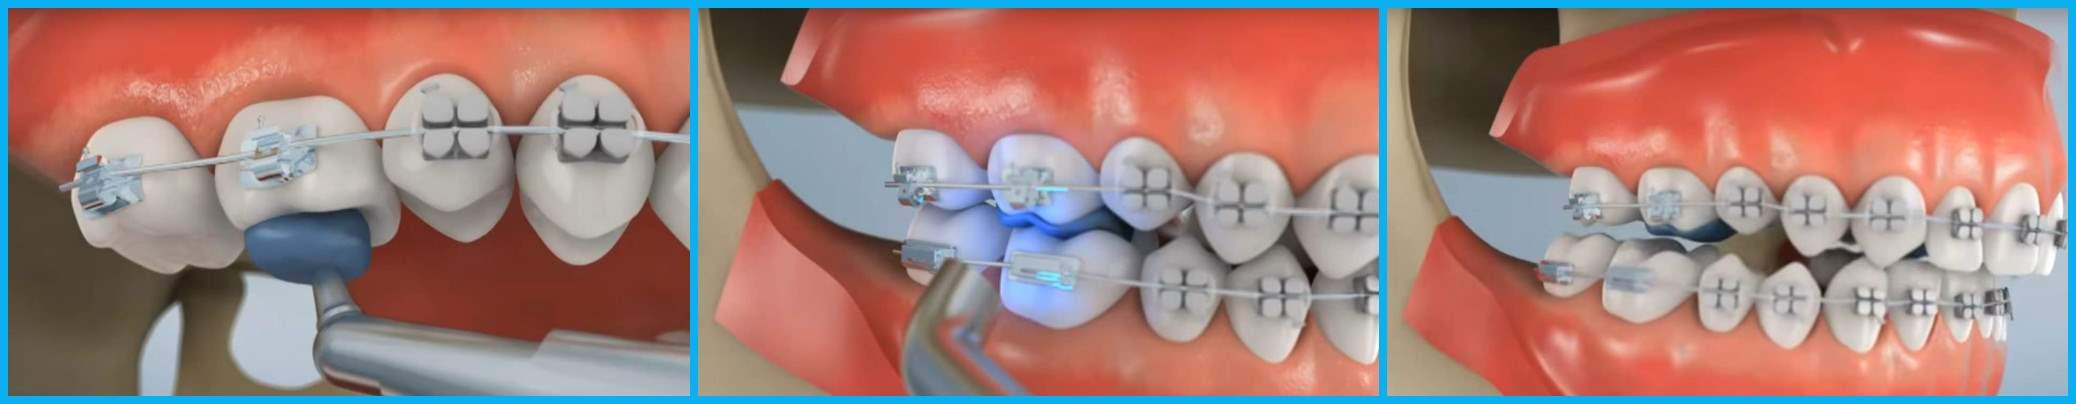 Виды зубных пломб: какие бывают, какие лучше ставить